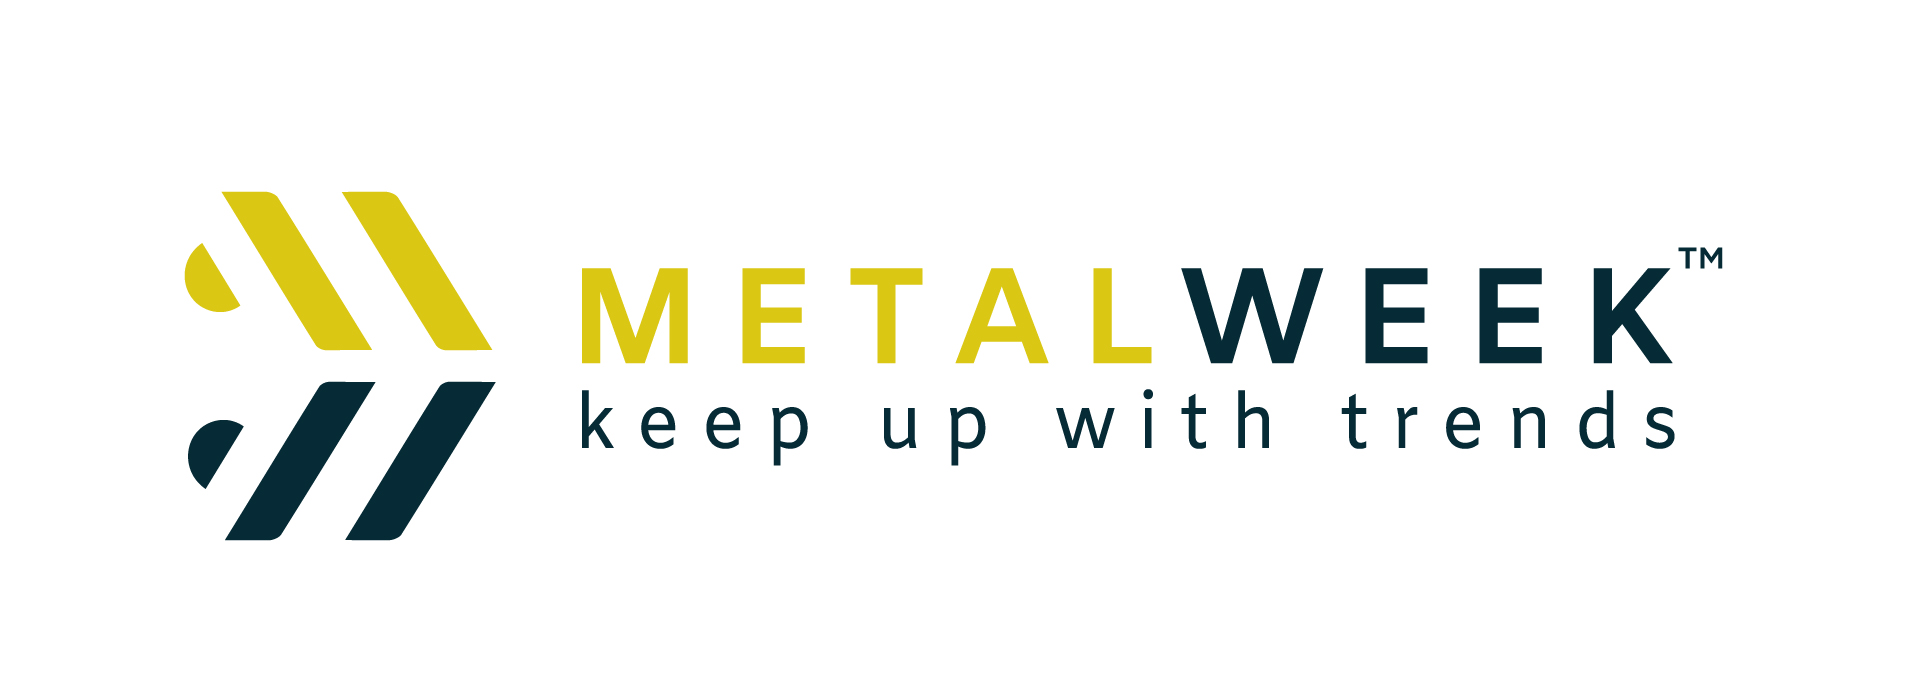 metalweek